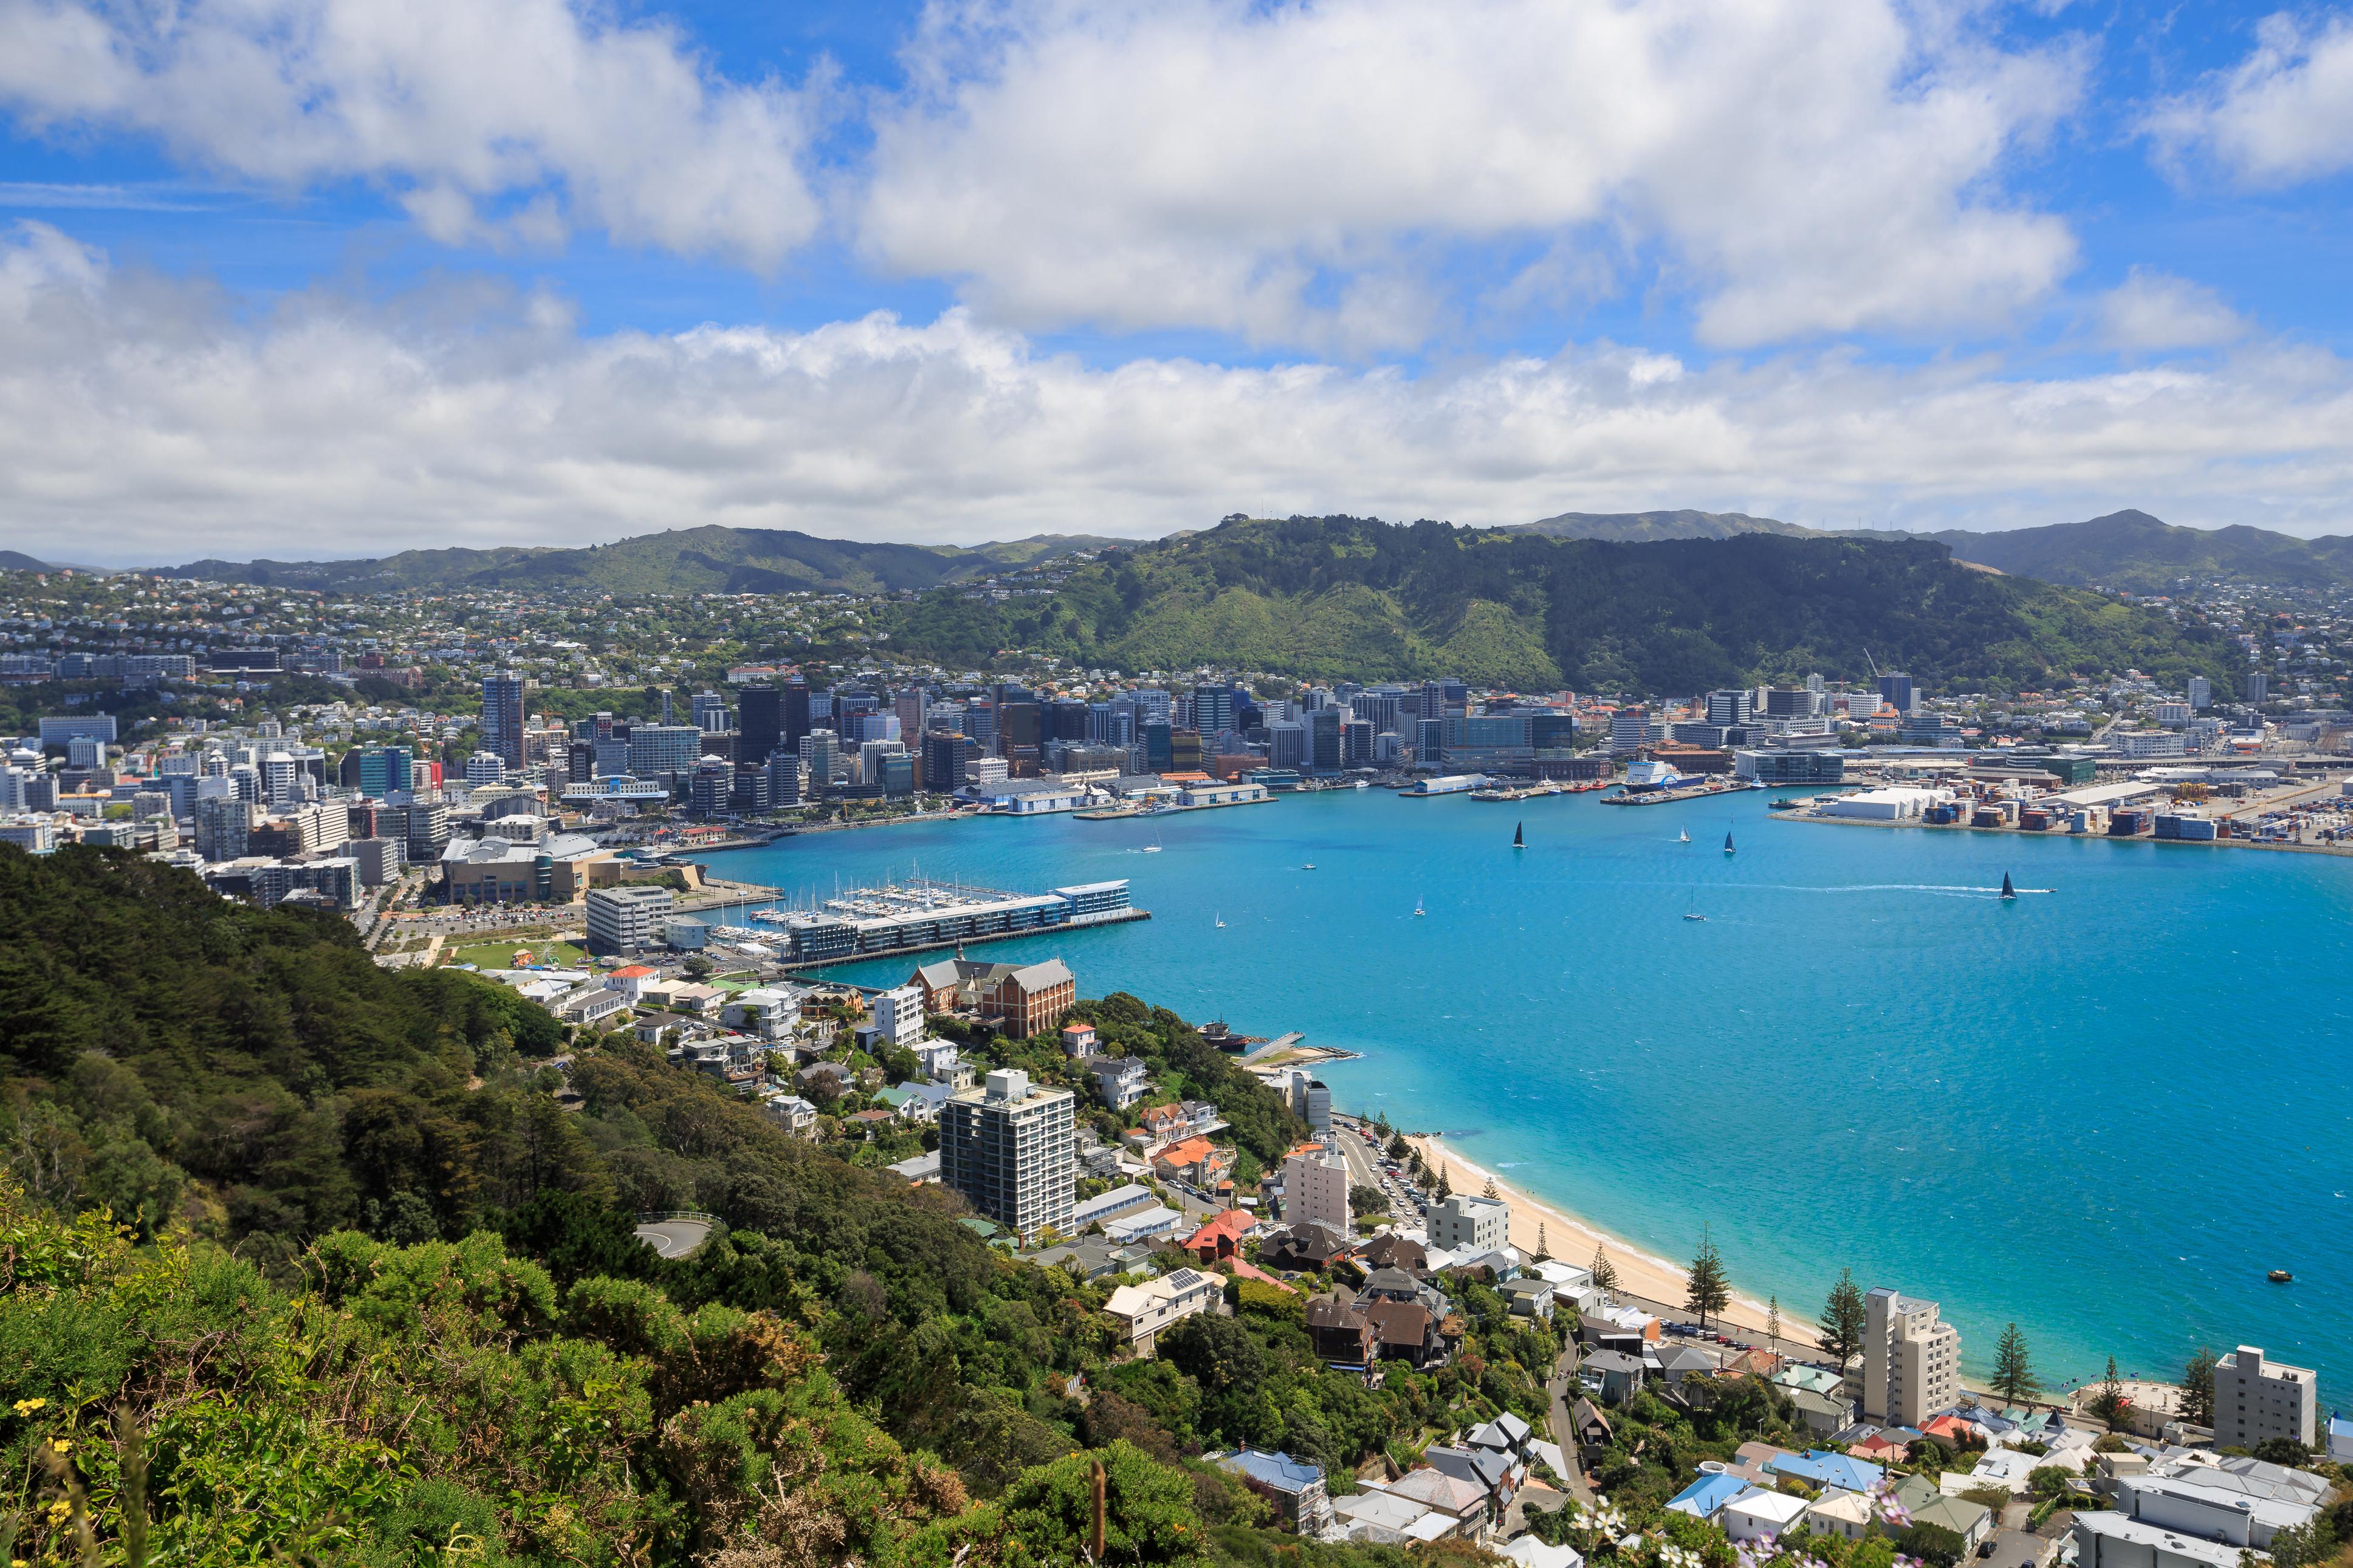 Веллингтон, столица Новой Зеландии, куда можно переехать на ПМЖ из стран СНГ